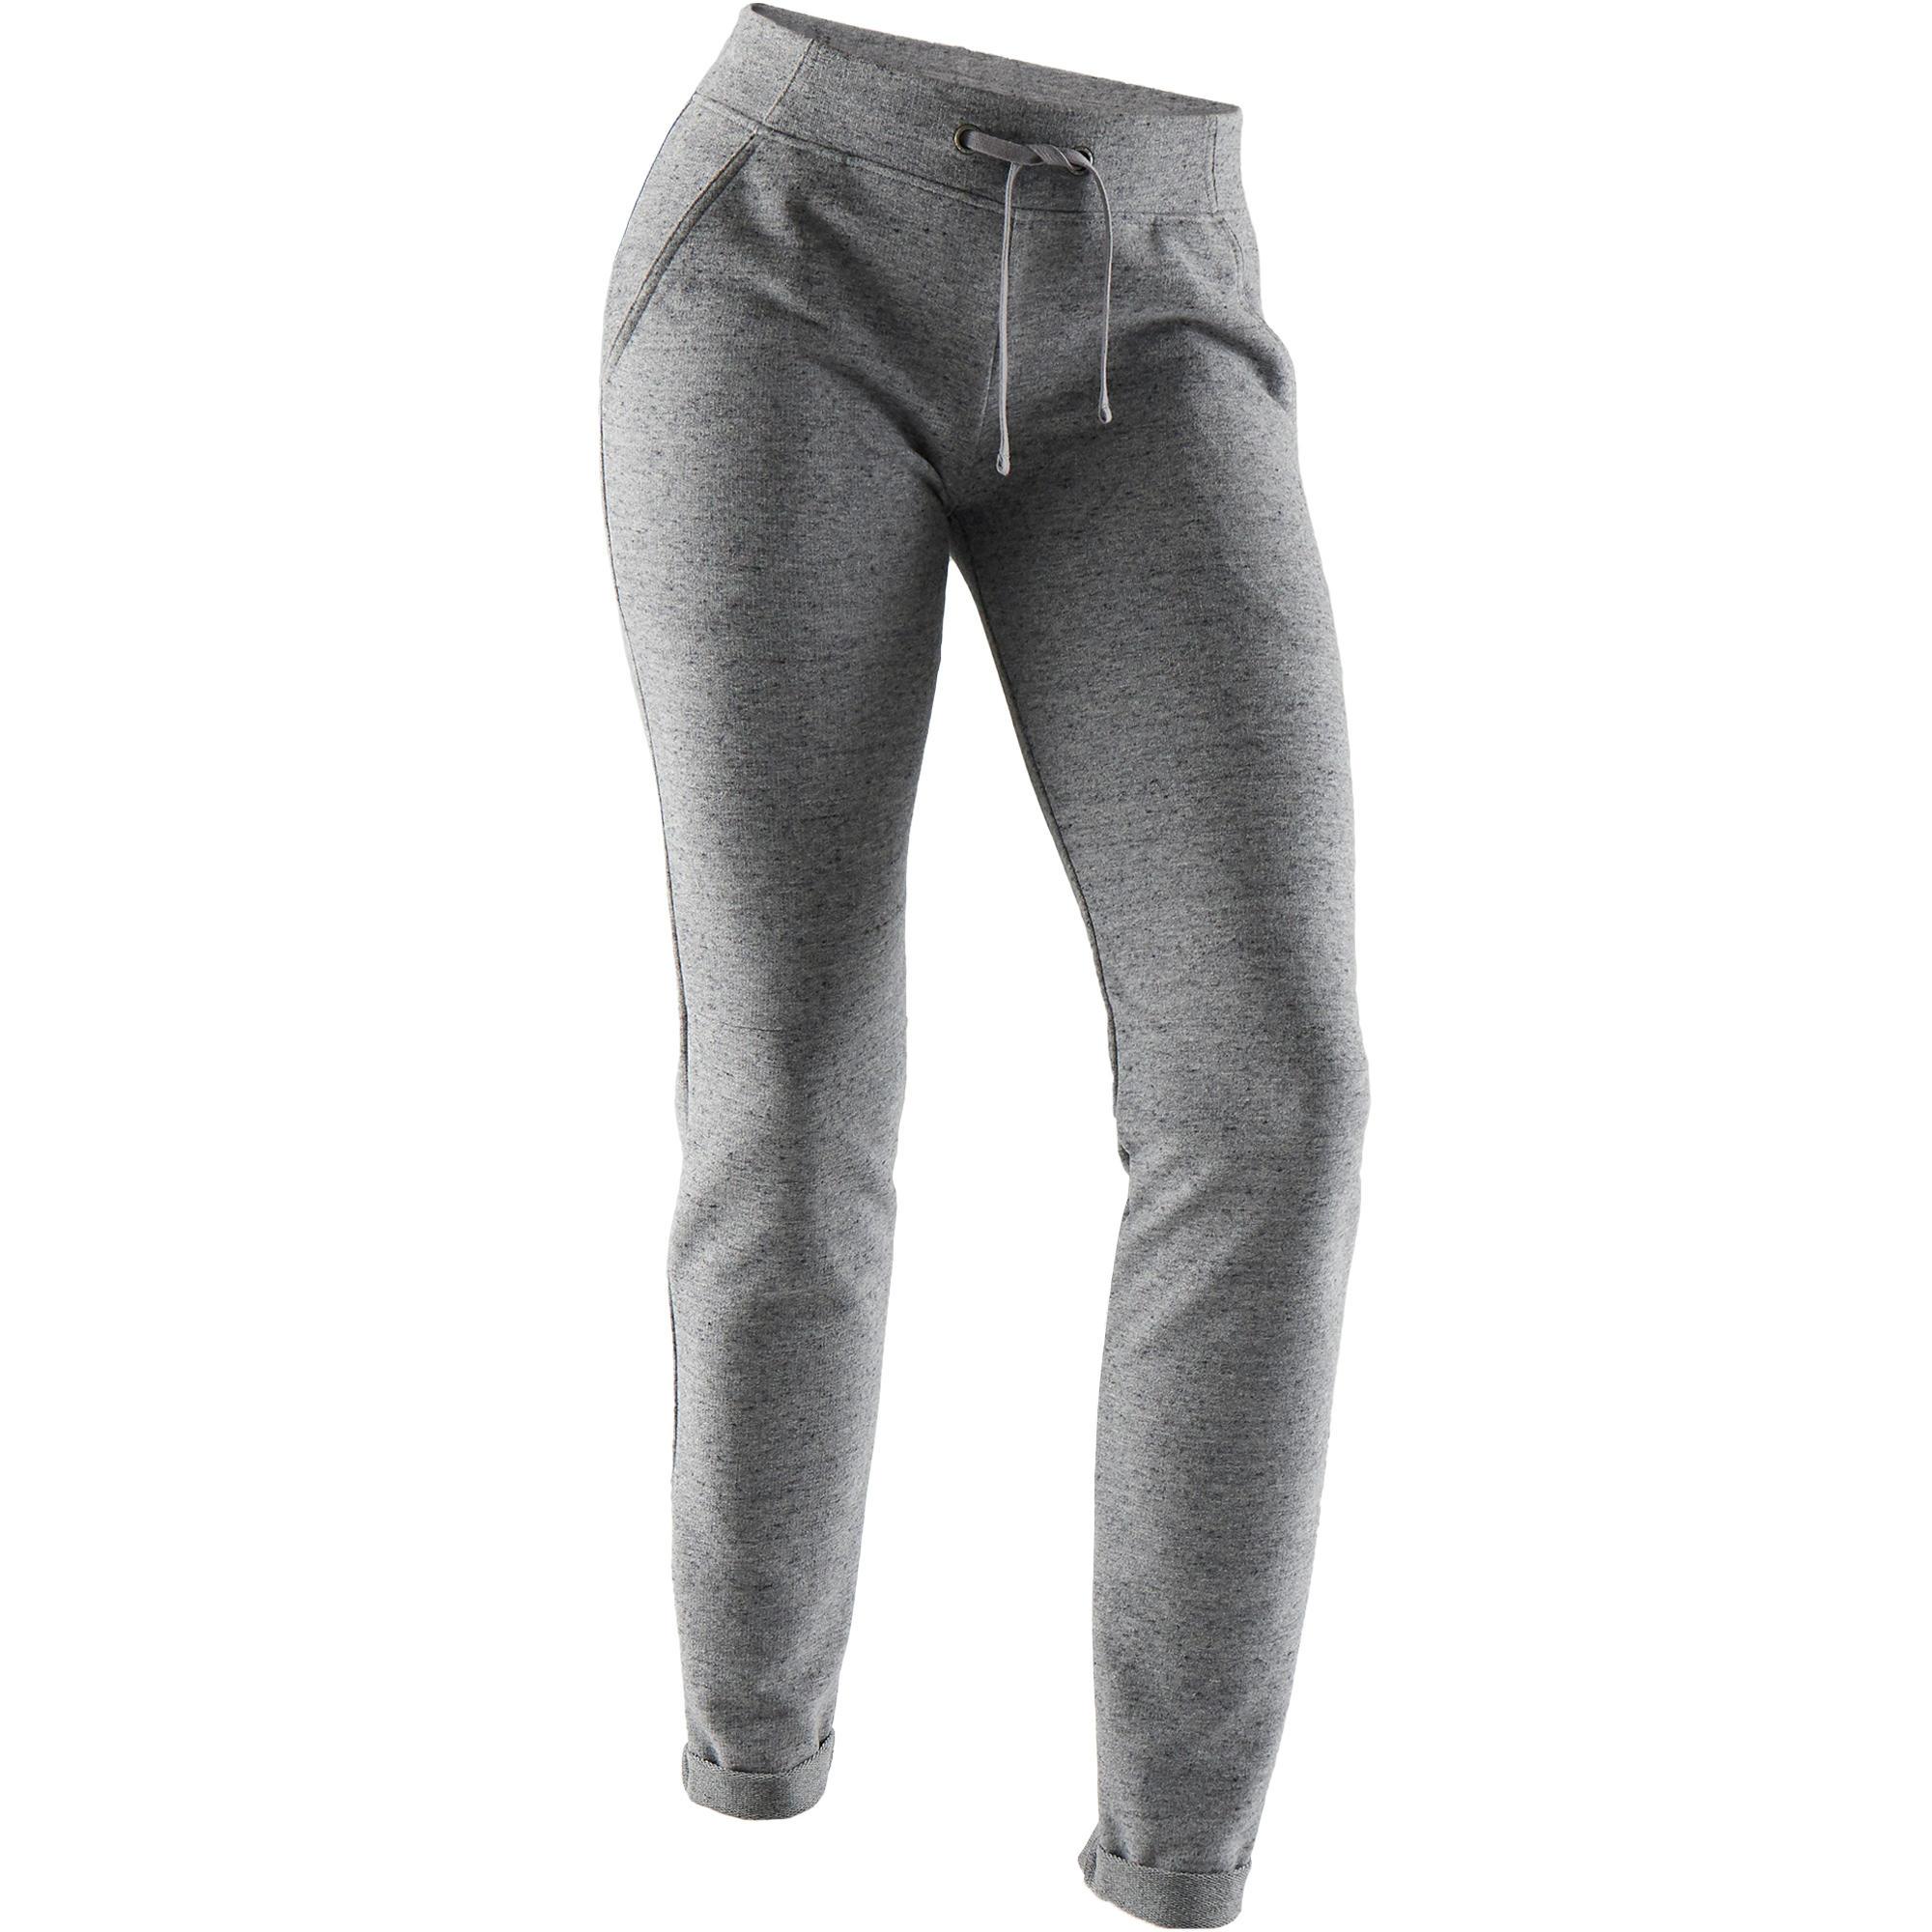 Pantalon trening Slim 500 Damă